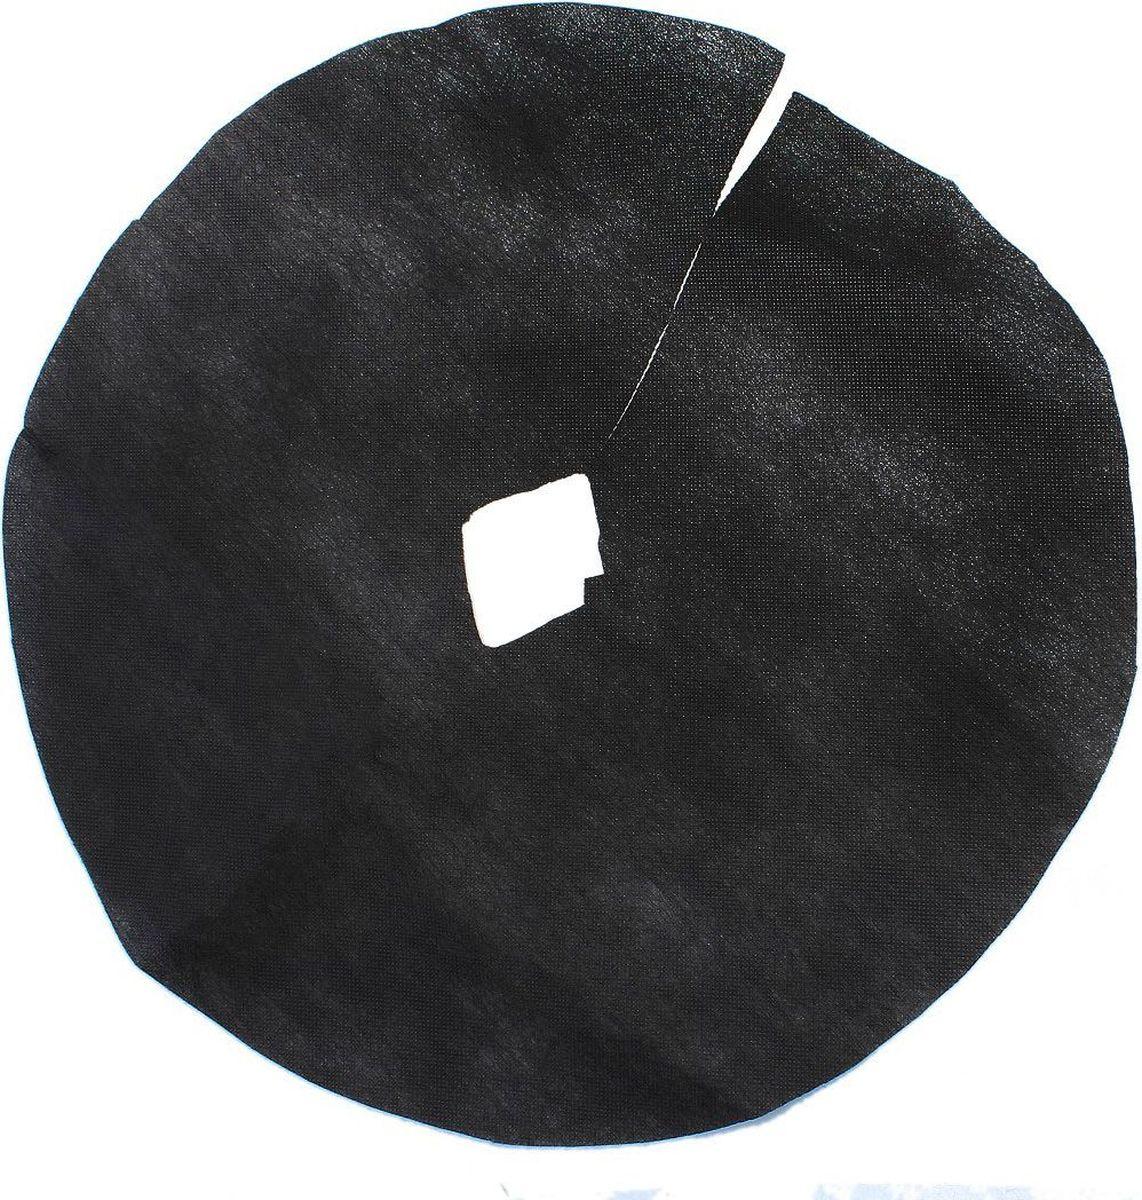 Круг приствольный Агротекс, цвет: черный, диаметр 0,8 м, 5 шт693587Приствольный круг облегчает уход за растениями, обеспечивает почве свободную вентиляцию и «дыхание», сохраняя влагу. Используя приствольный круг «Агротекс»: вы можете навсегда забыть о прополке и придать своему саду аккуратный, ухоженный вид вы защитите свои посадки от холода и поможете им пережить резкие колебания температур вы улучшите аэрацию и дренаж почвы вы сохраните влагу и уменьшите испарение. Круг экологичен и прост в использовании: взрыхлите и разровняйте почву вокруг ствола, расстелите приствольный круг (сторона не имеет значения) и надежно присыпьте края землей или гравием.